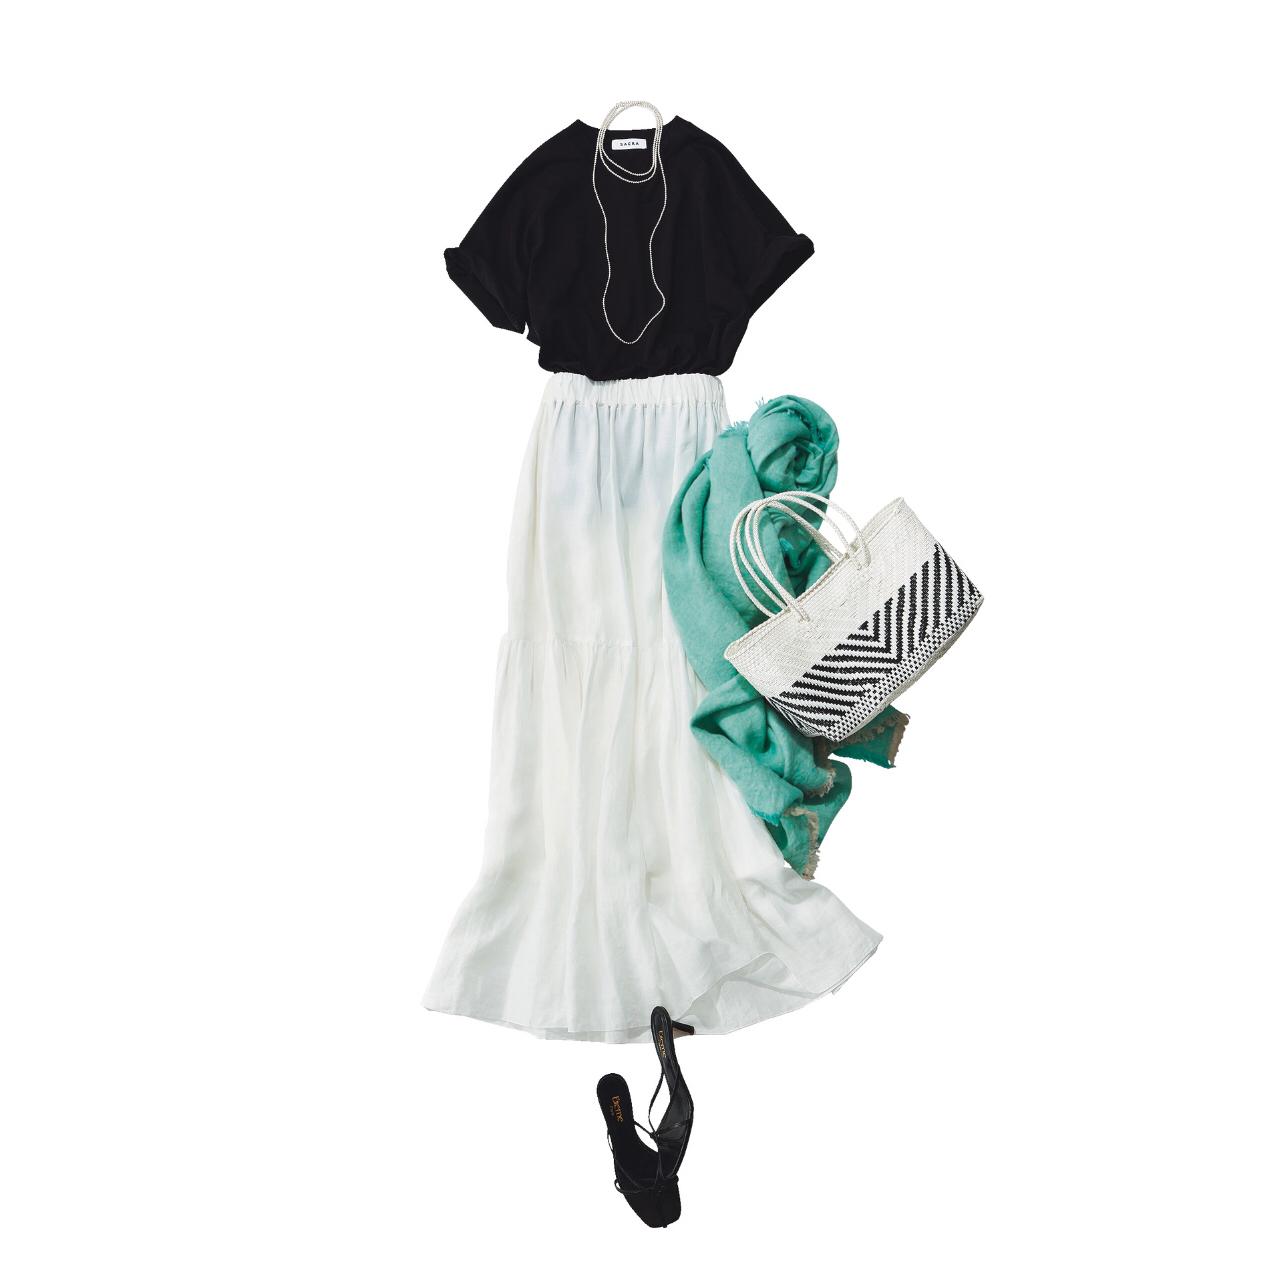 【真夏こそ映える黒コーデ】重たく見えず、シックに決まるアラフォーの黒コーデまとめ|40代ファッション_1_9